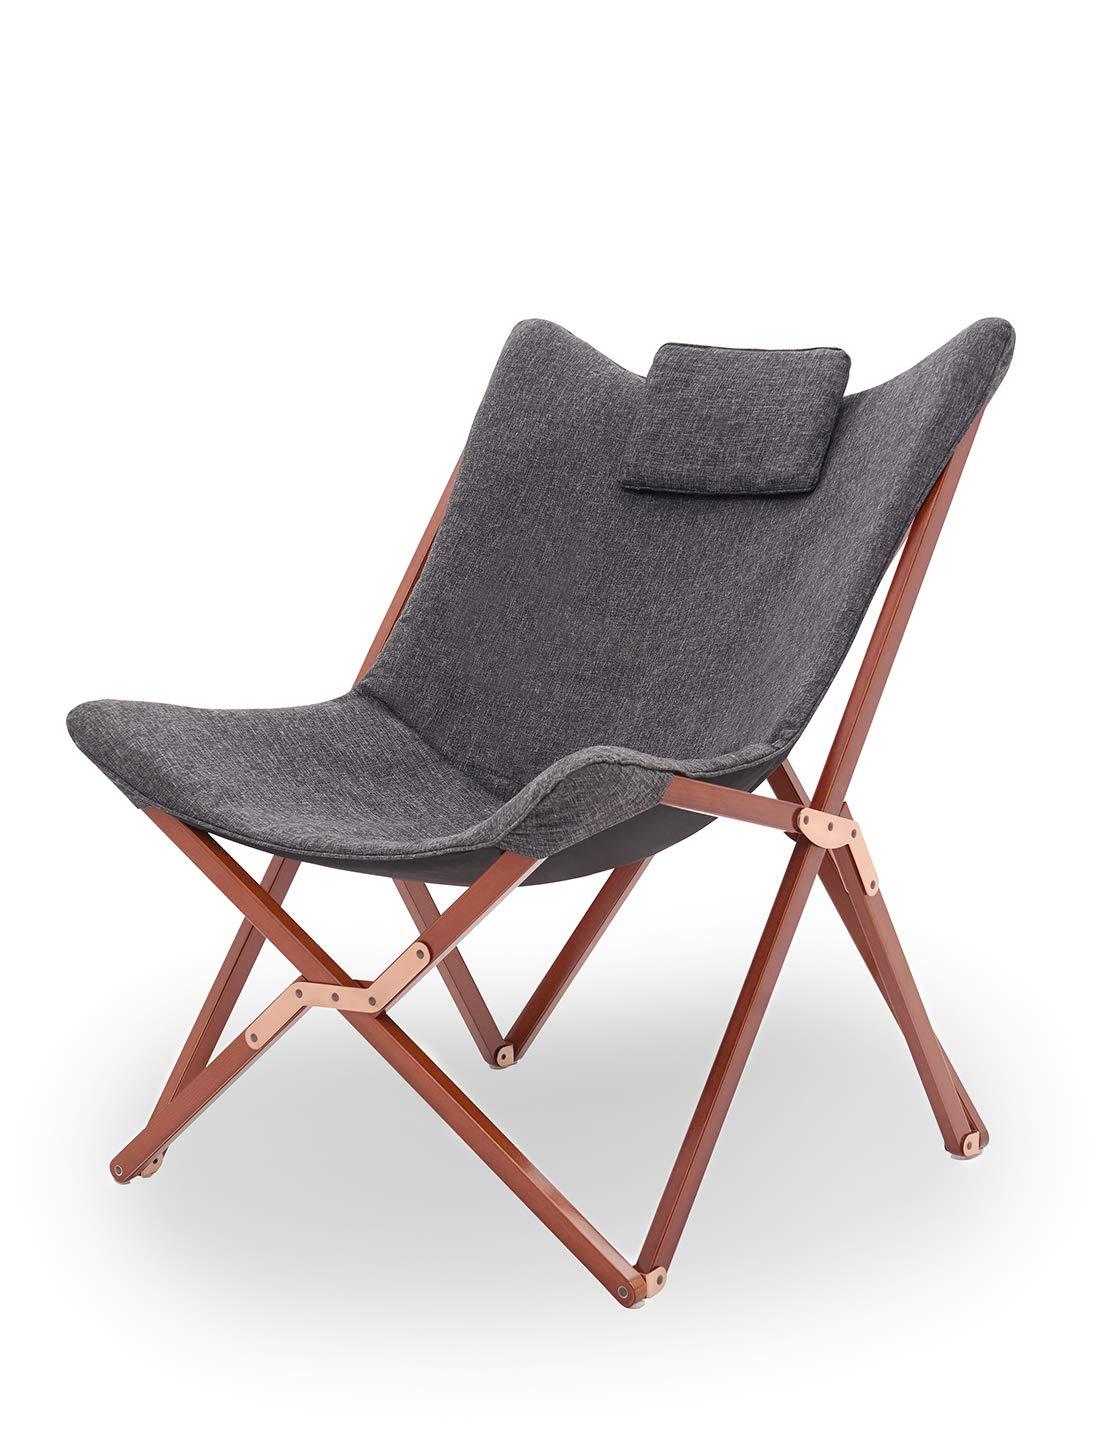 Suhu Klappstuhl Camping Stuhl Lounge Sessel Modern Design Retro Stuhle Liegestuhl Klappbar Gartenliege Auflagen Hochlehner Tv Relaxliege Mit